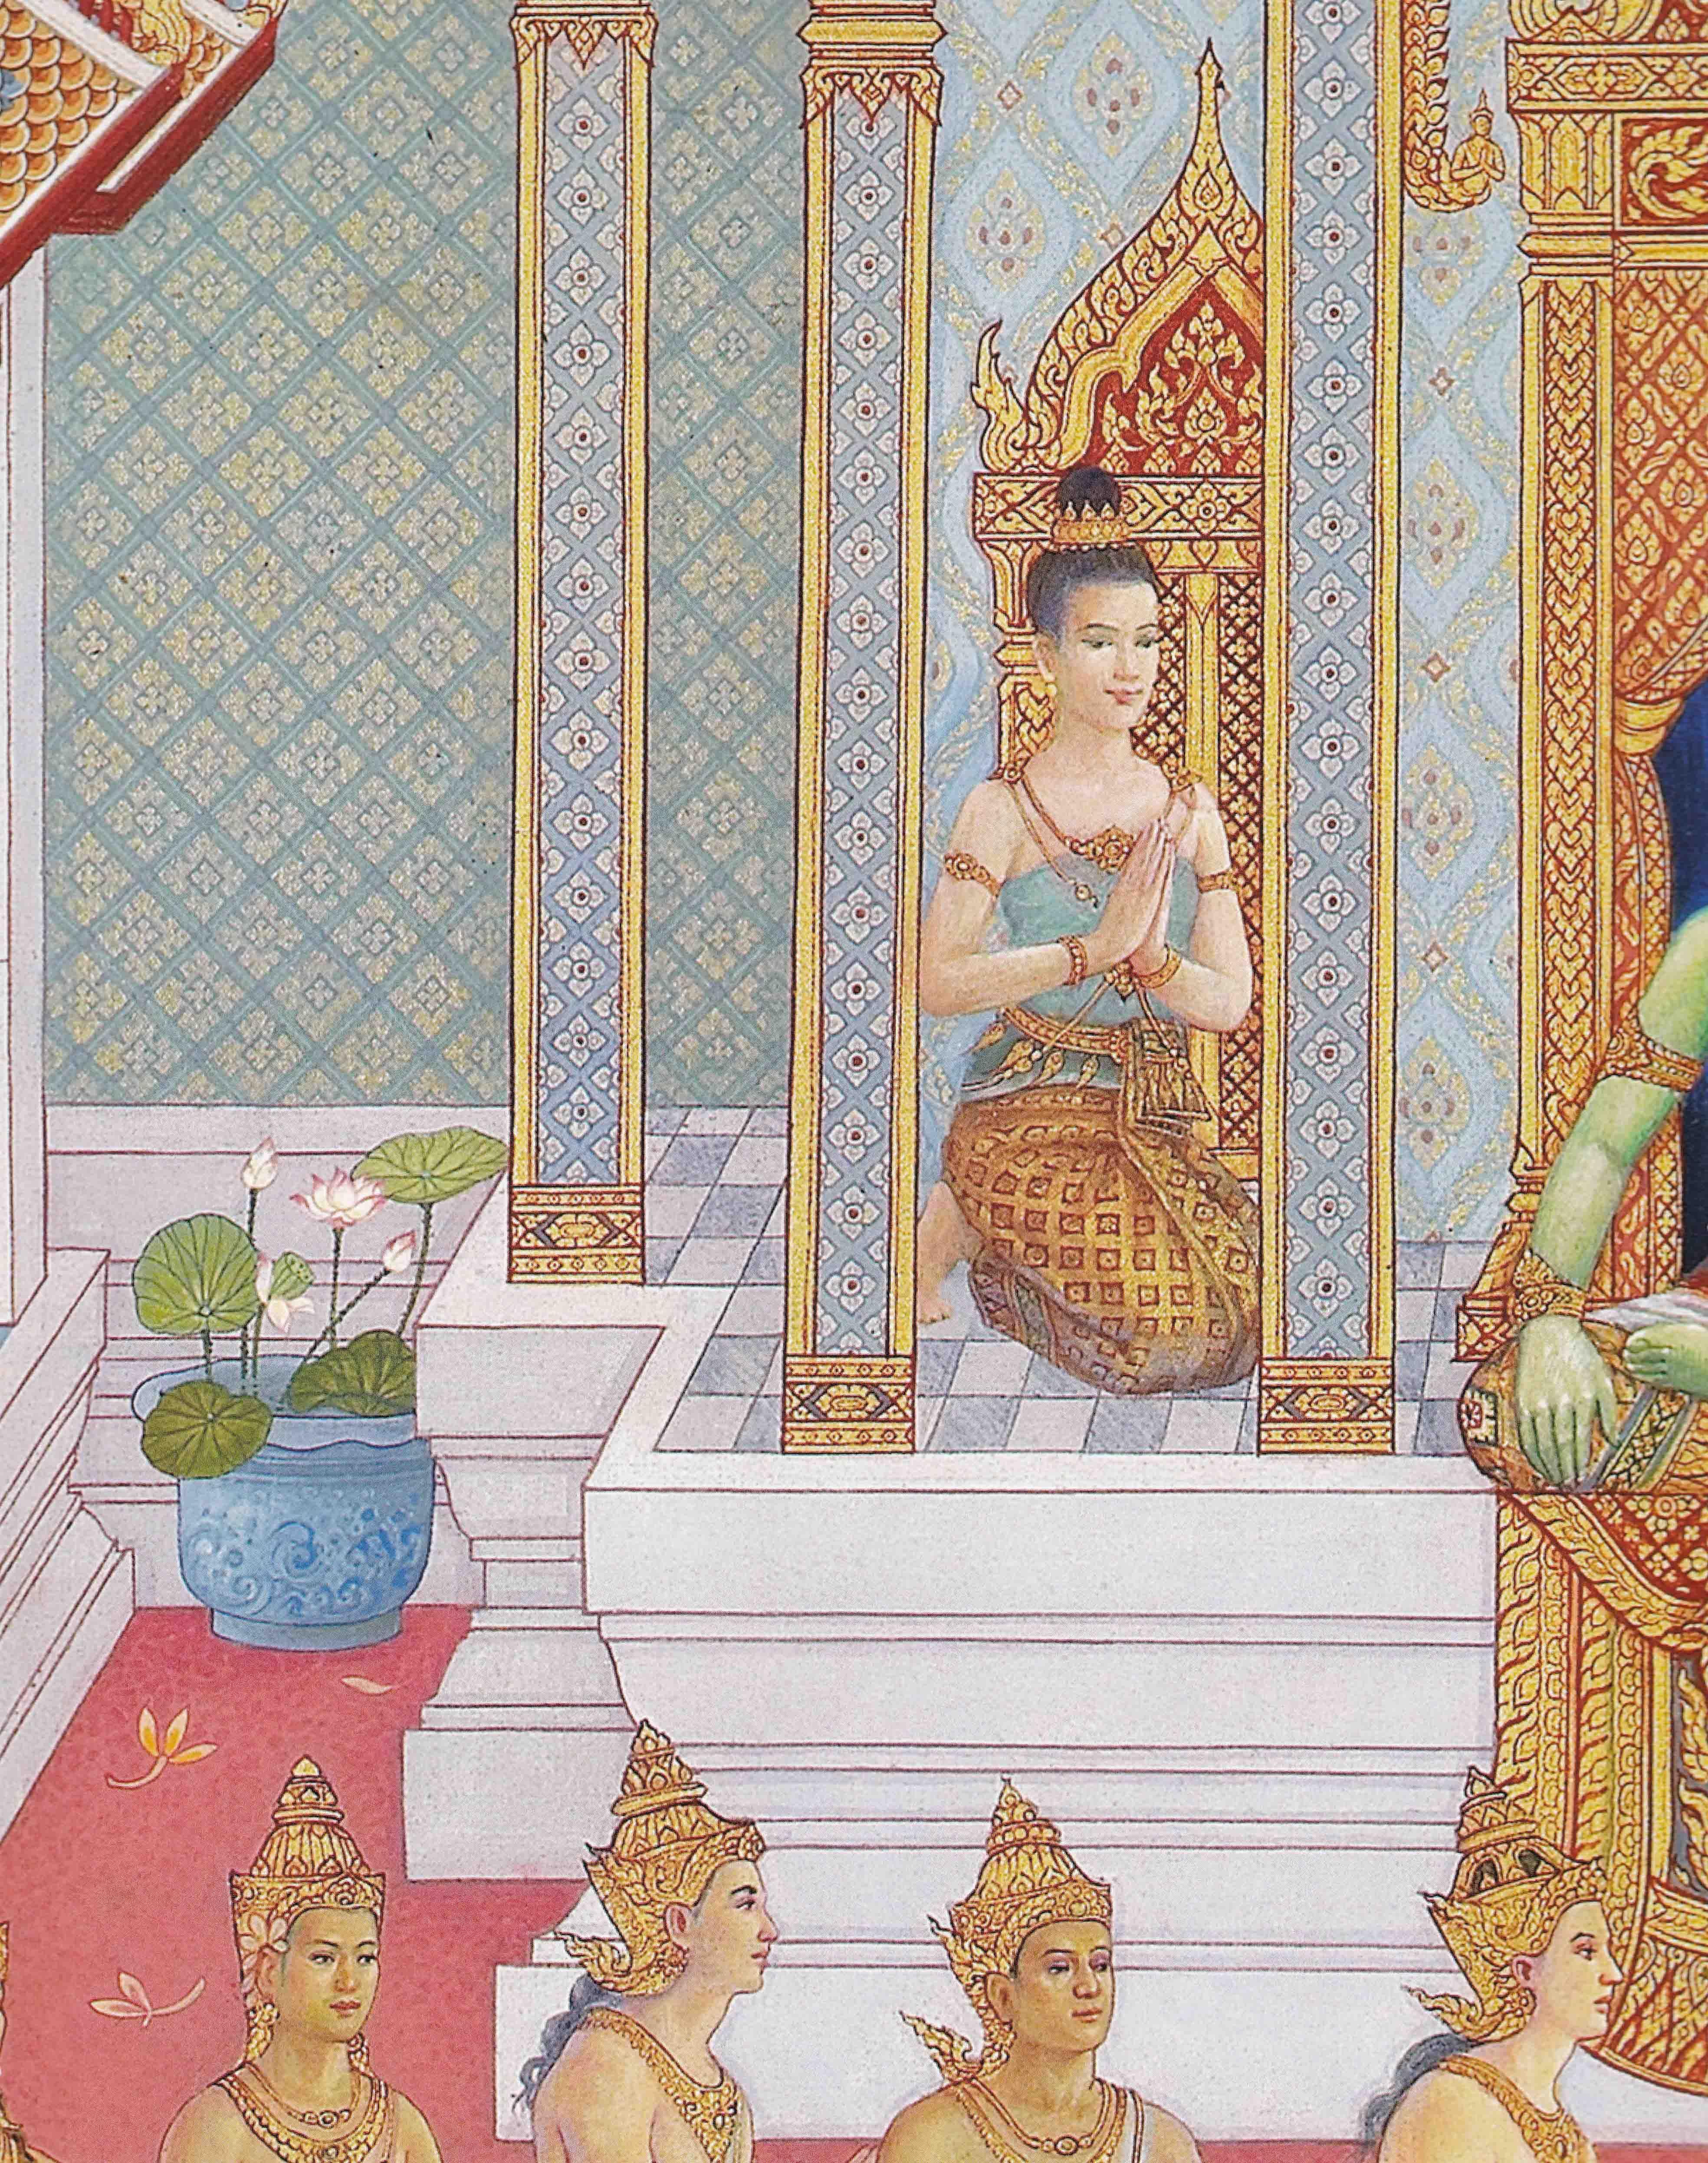 นางส ชาดา ท มาร ป หน งส อไตรภ ม กถา ฉบ บร ชกาลท 9 โปรเจกต ศ ลปะ ศ ลปะไทย ศ ลปะ